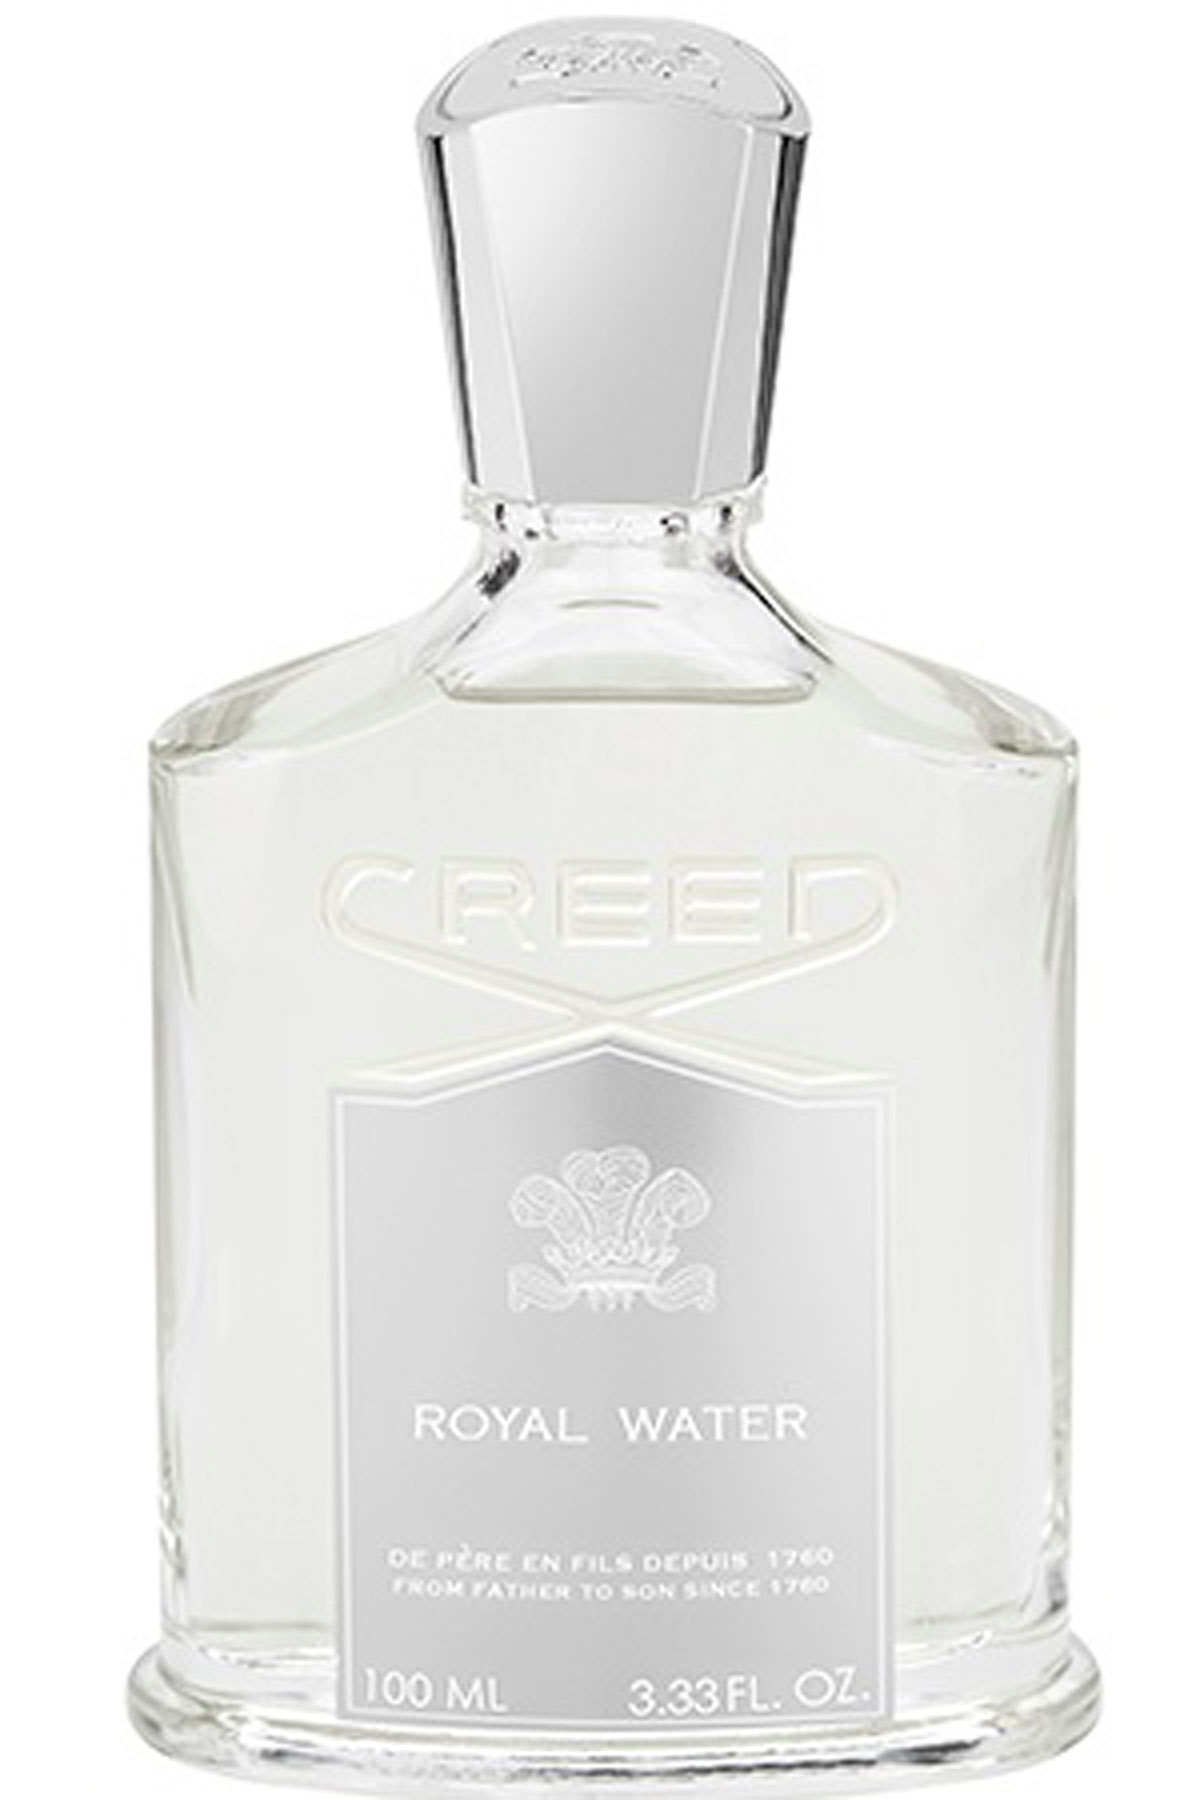 Royal Water Eau De Parfum 100 Ml Mens Fragrances Creed Style